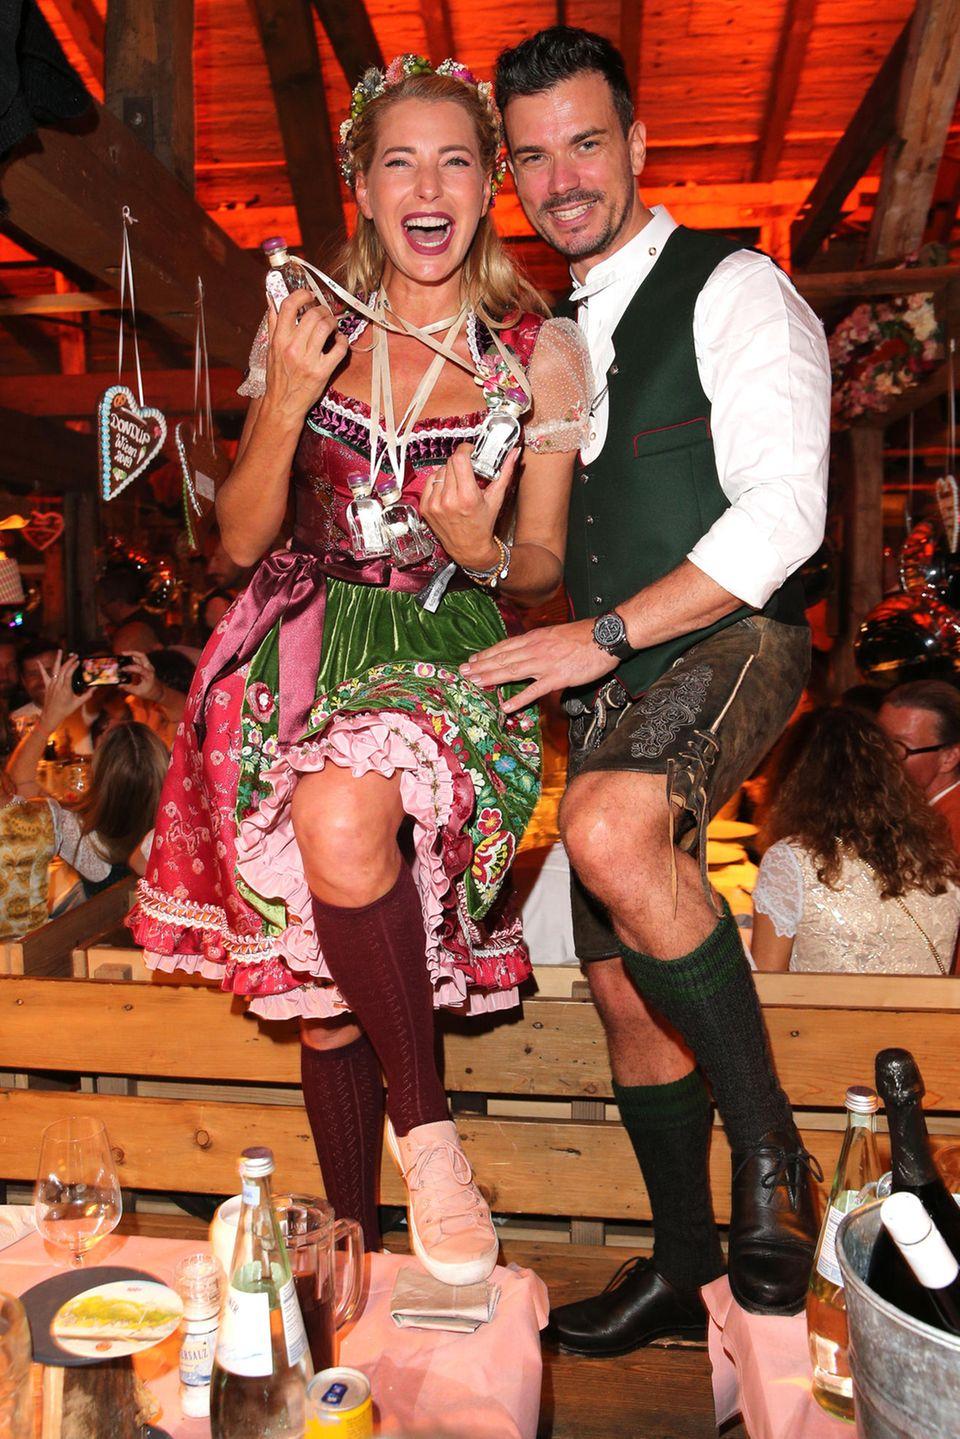 Giulia Siegel und ihr Partner Ludwig Heer tanzen ausgelassen auf den Bierzeltbänken.